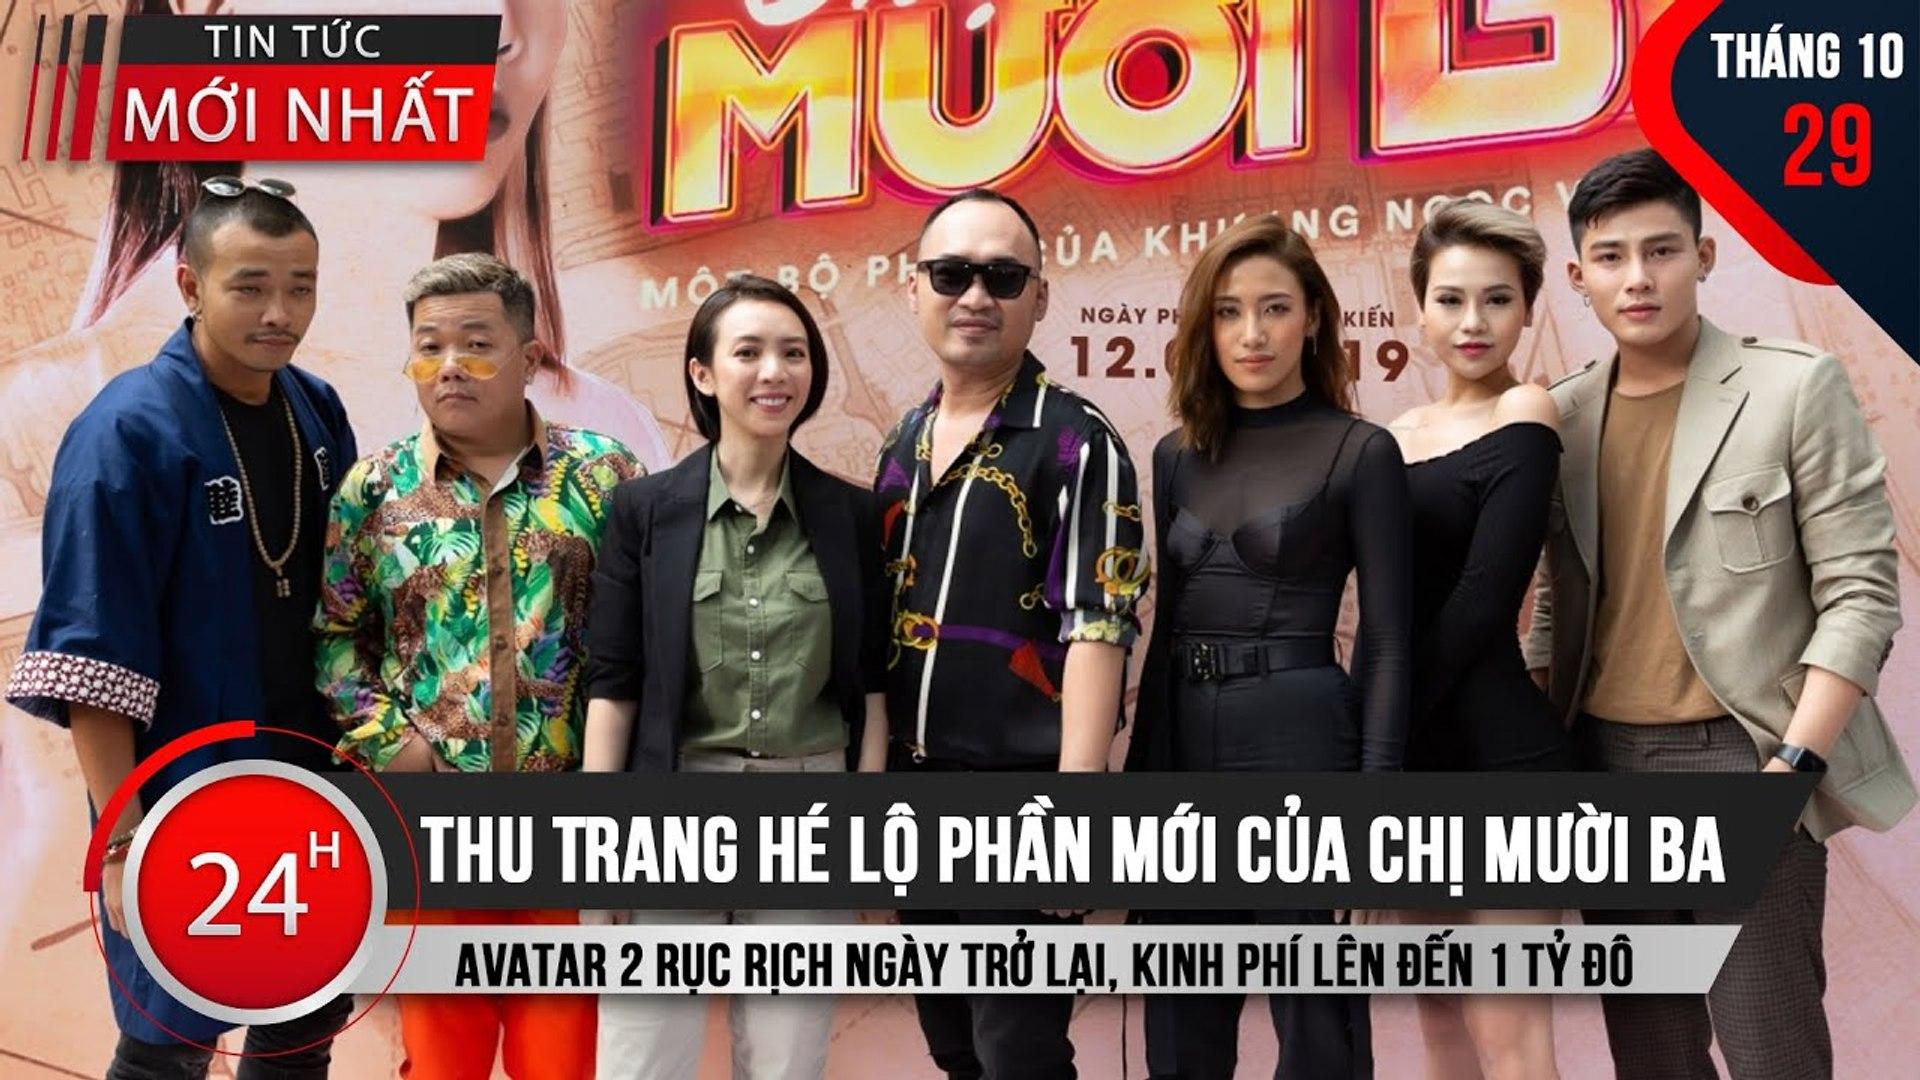 Thu Trang hé lộ phần mới của Chị Mười Ba - Avatar 2 rục rịch ngày trở lại, kinh phí lên đến 1 tỷ đô